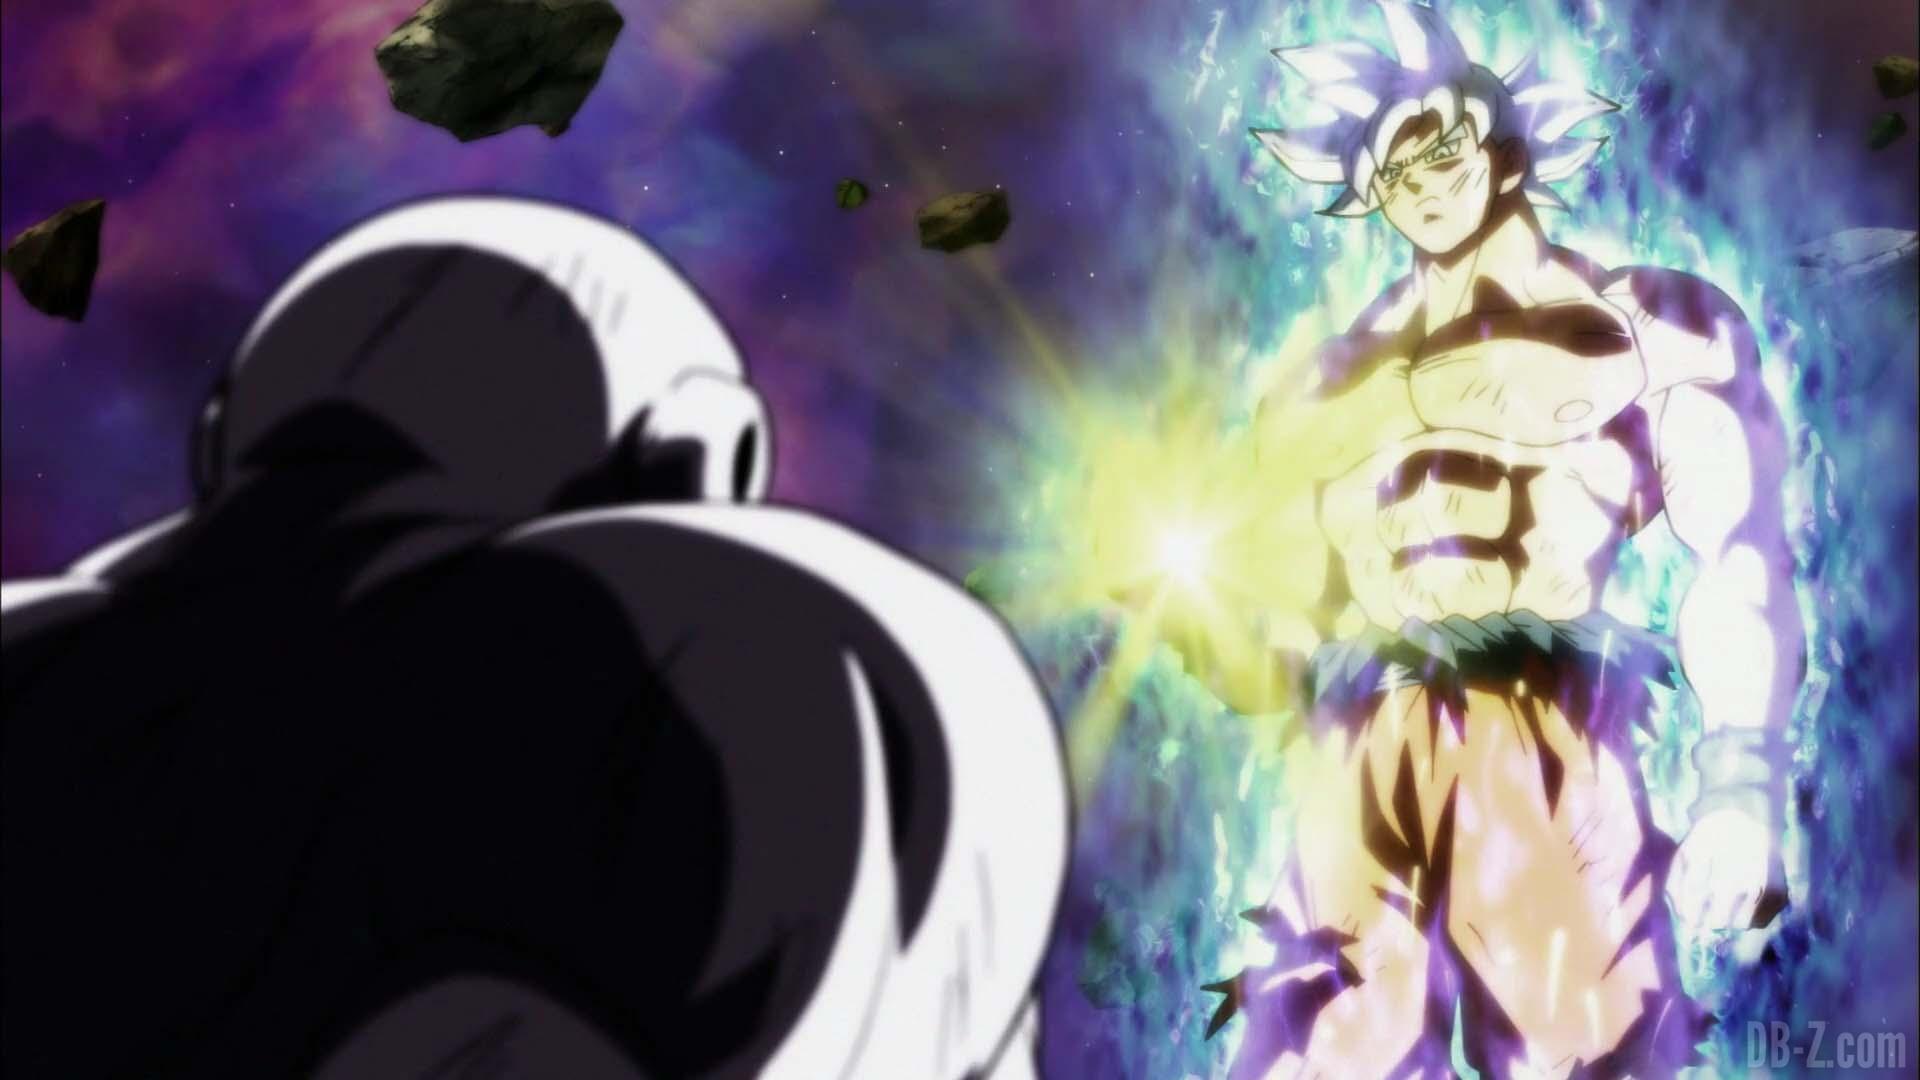 Hit \u2013 Sát Thủ Của Vũ Trụ Thứ 6 ( người có thể đấu ngang sức với Goku Super Saiyan Blue + Kaioken X10 trước đây ) dù gây khó cho Jiren ...